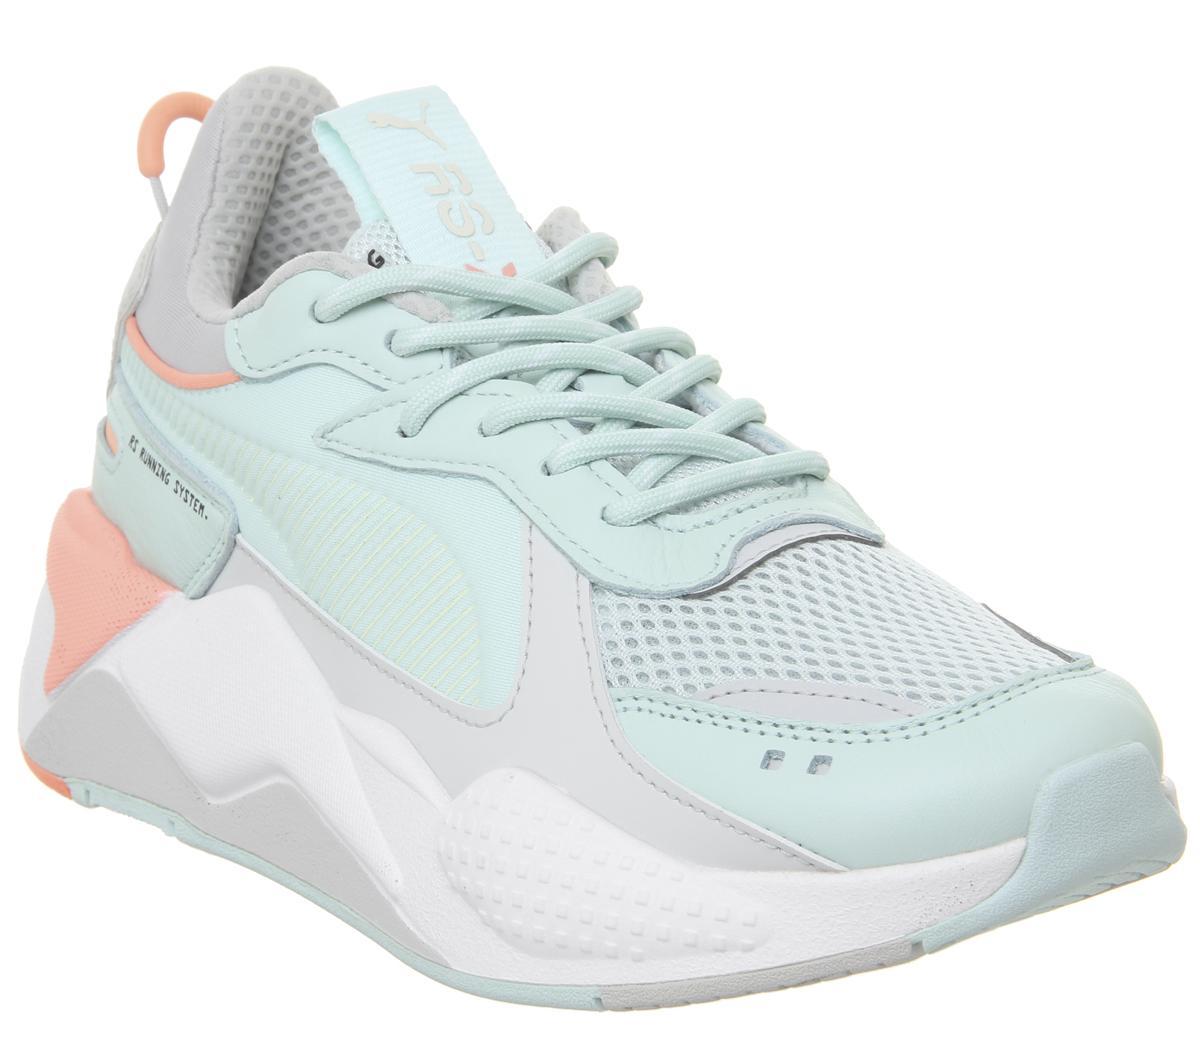 Puma Rs-x Tracks Trainers Mint Peach